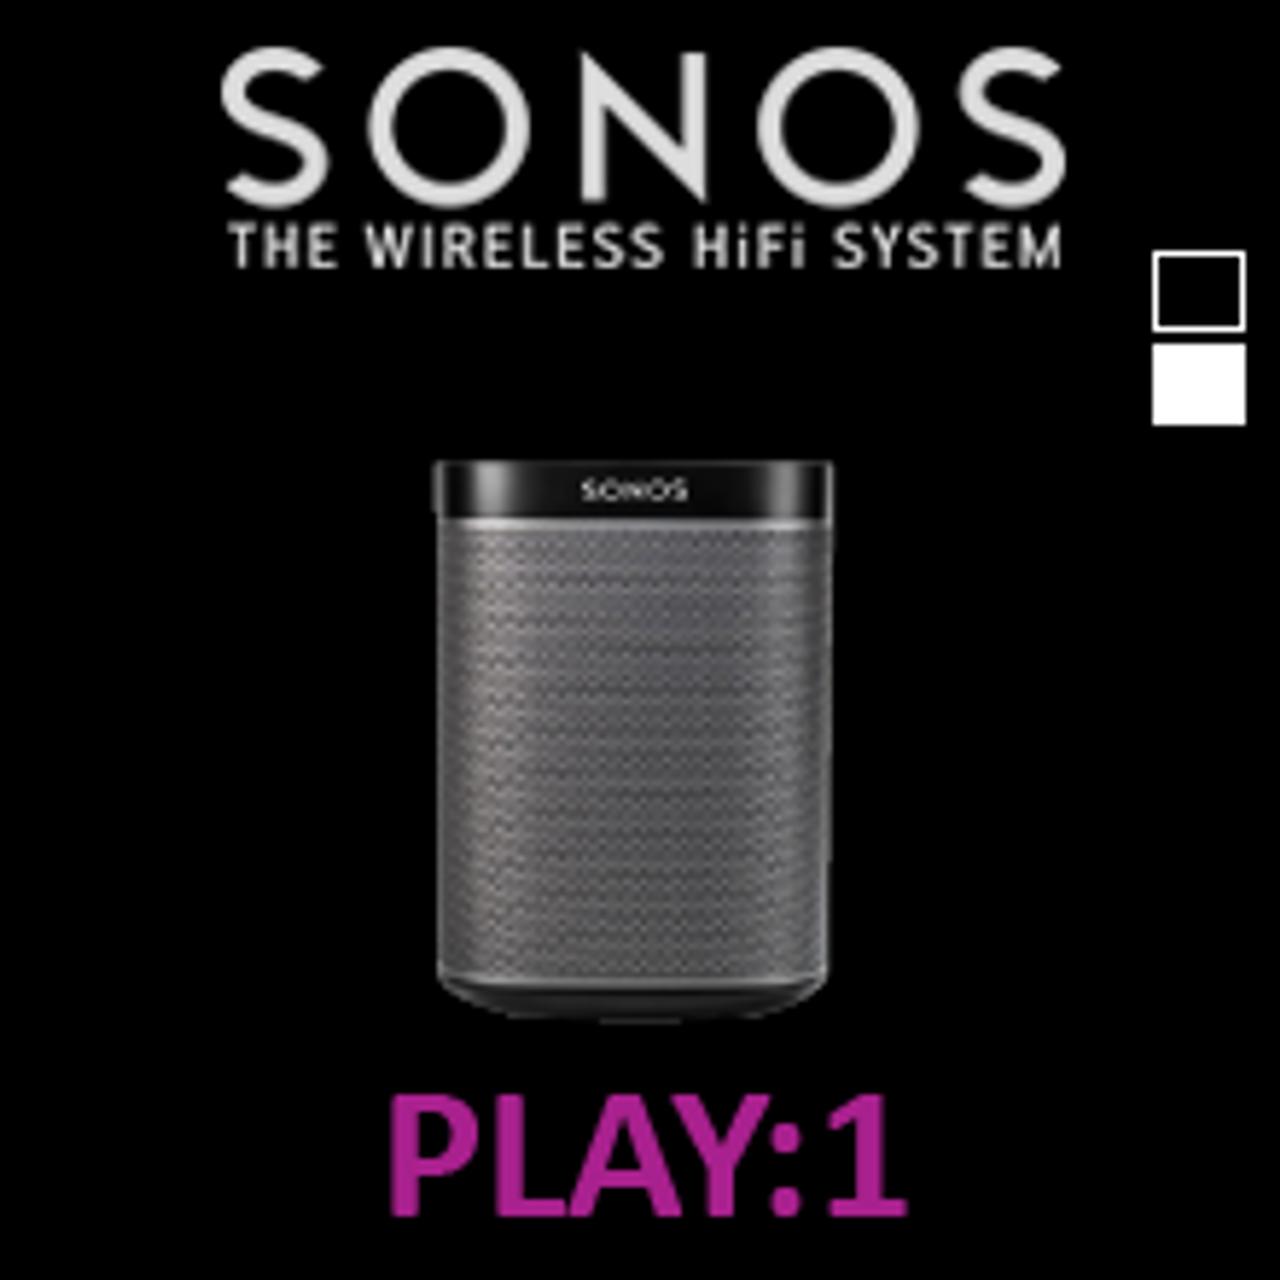 Sonos Play:1 ZonePlayer - AV Australia Online